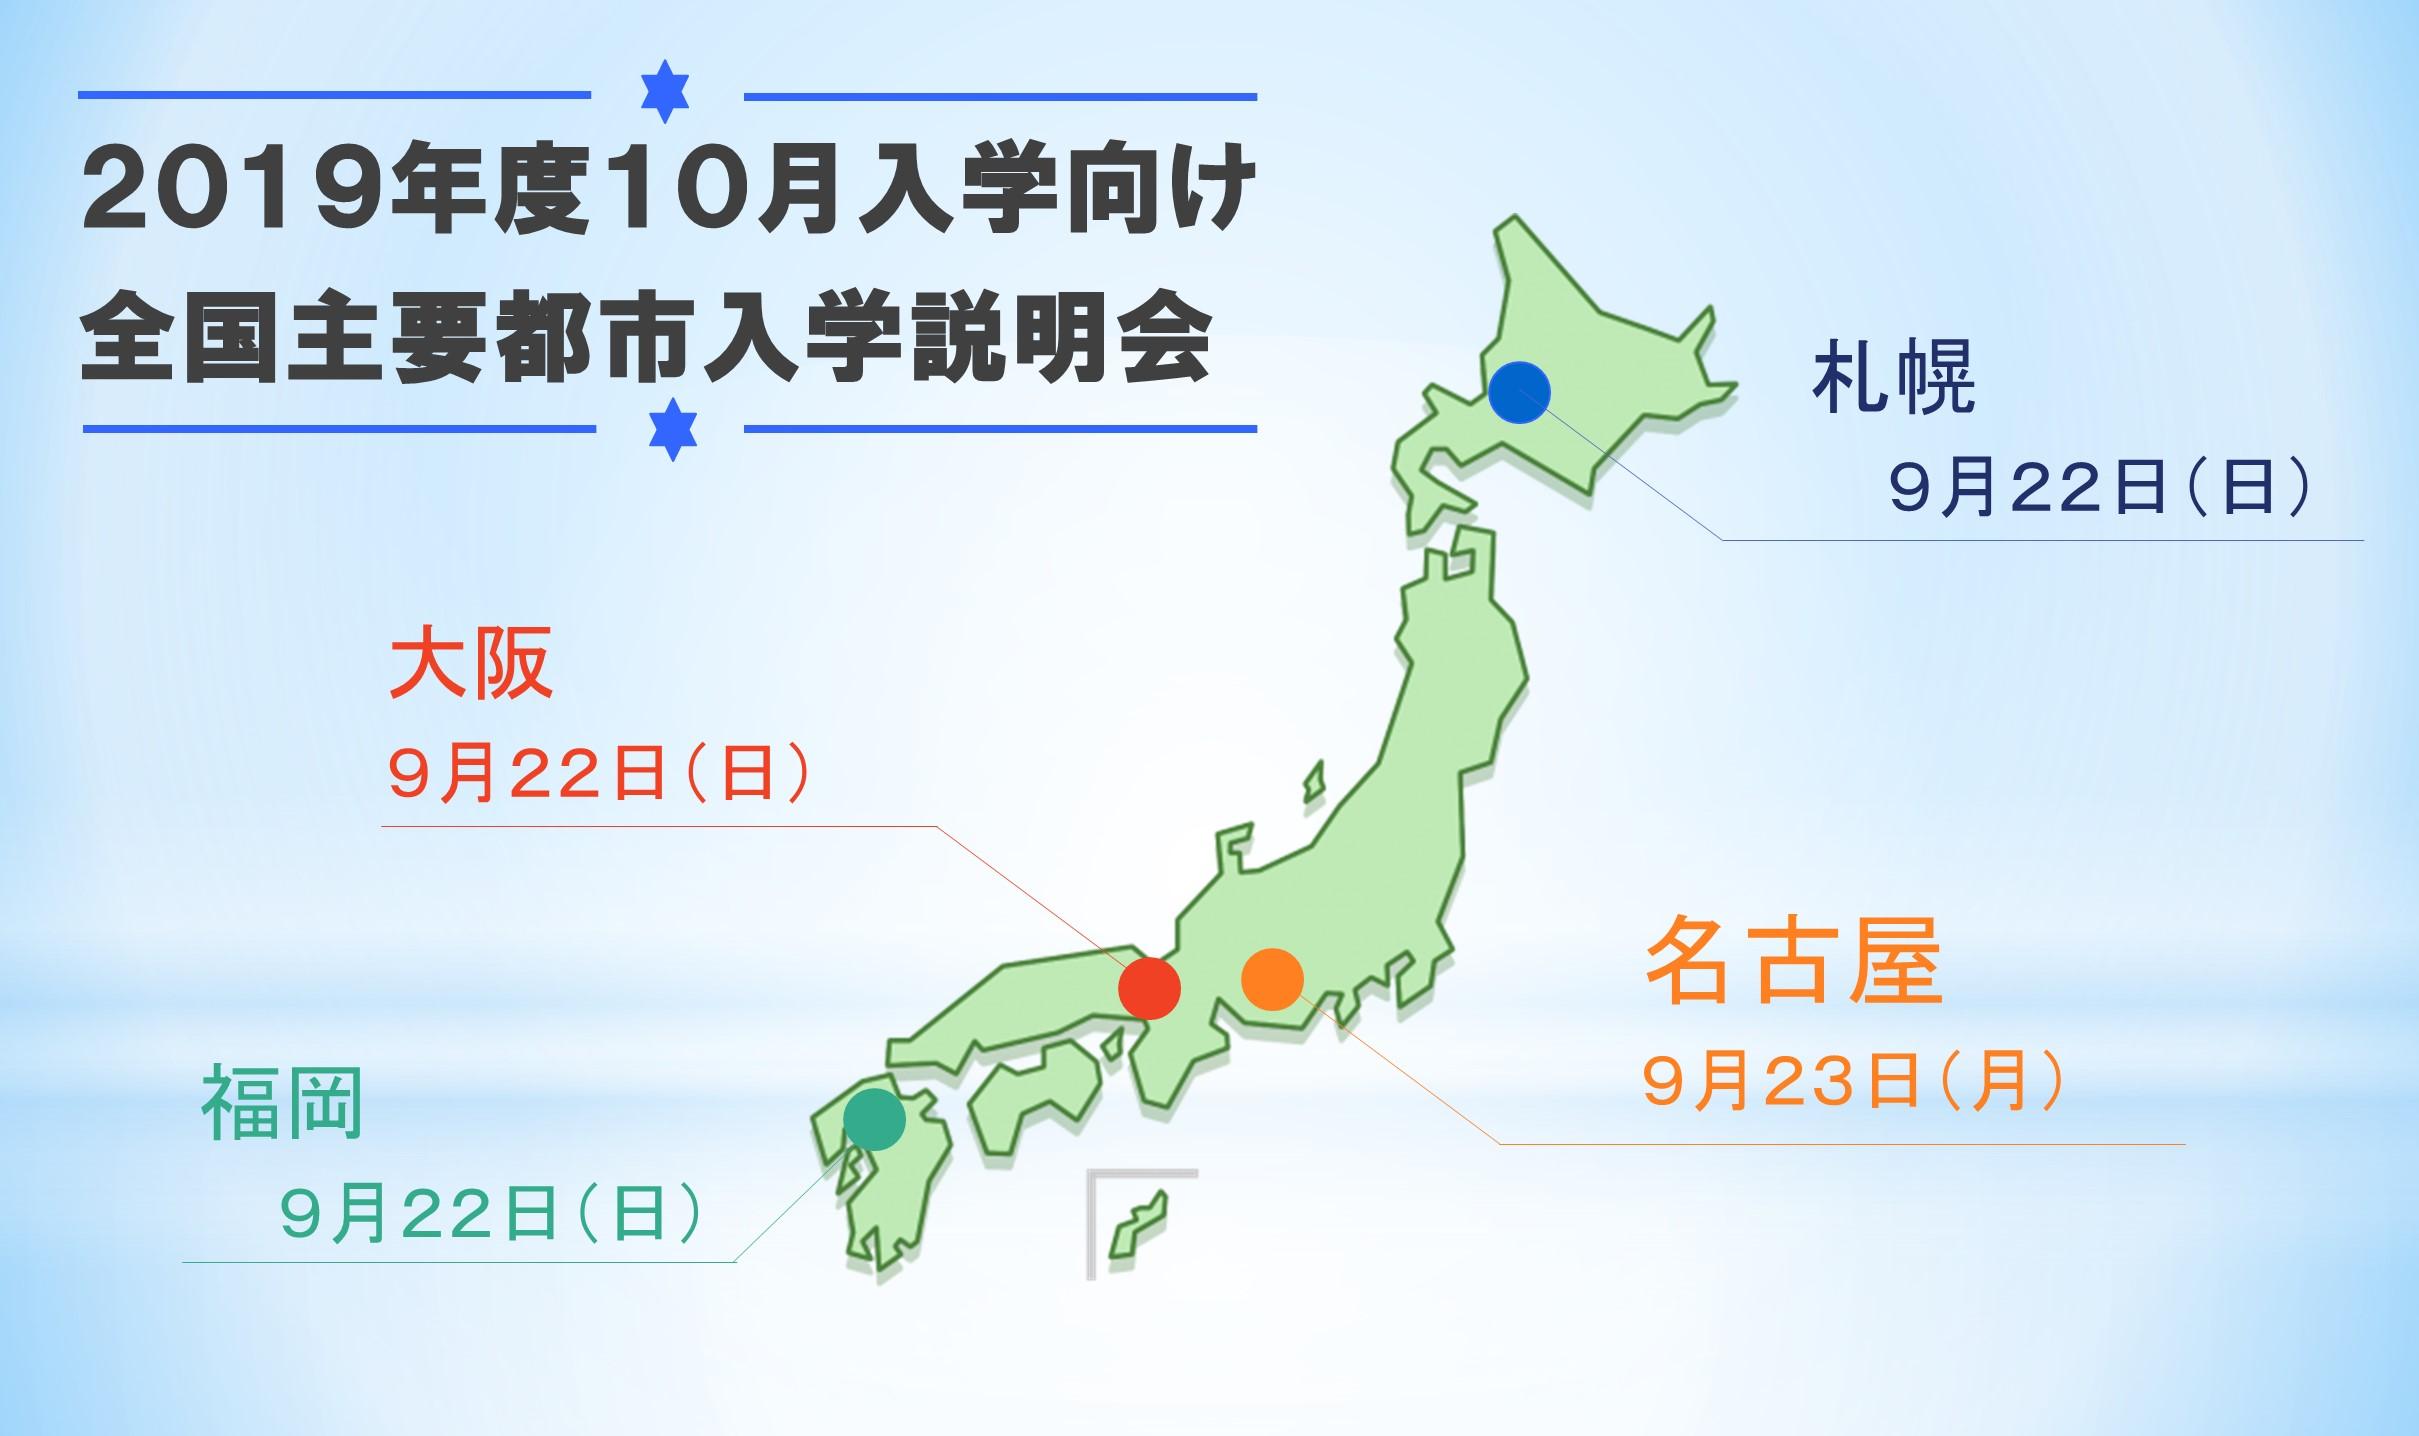 全国主要都市入学説明会(9月開催)